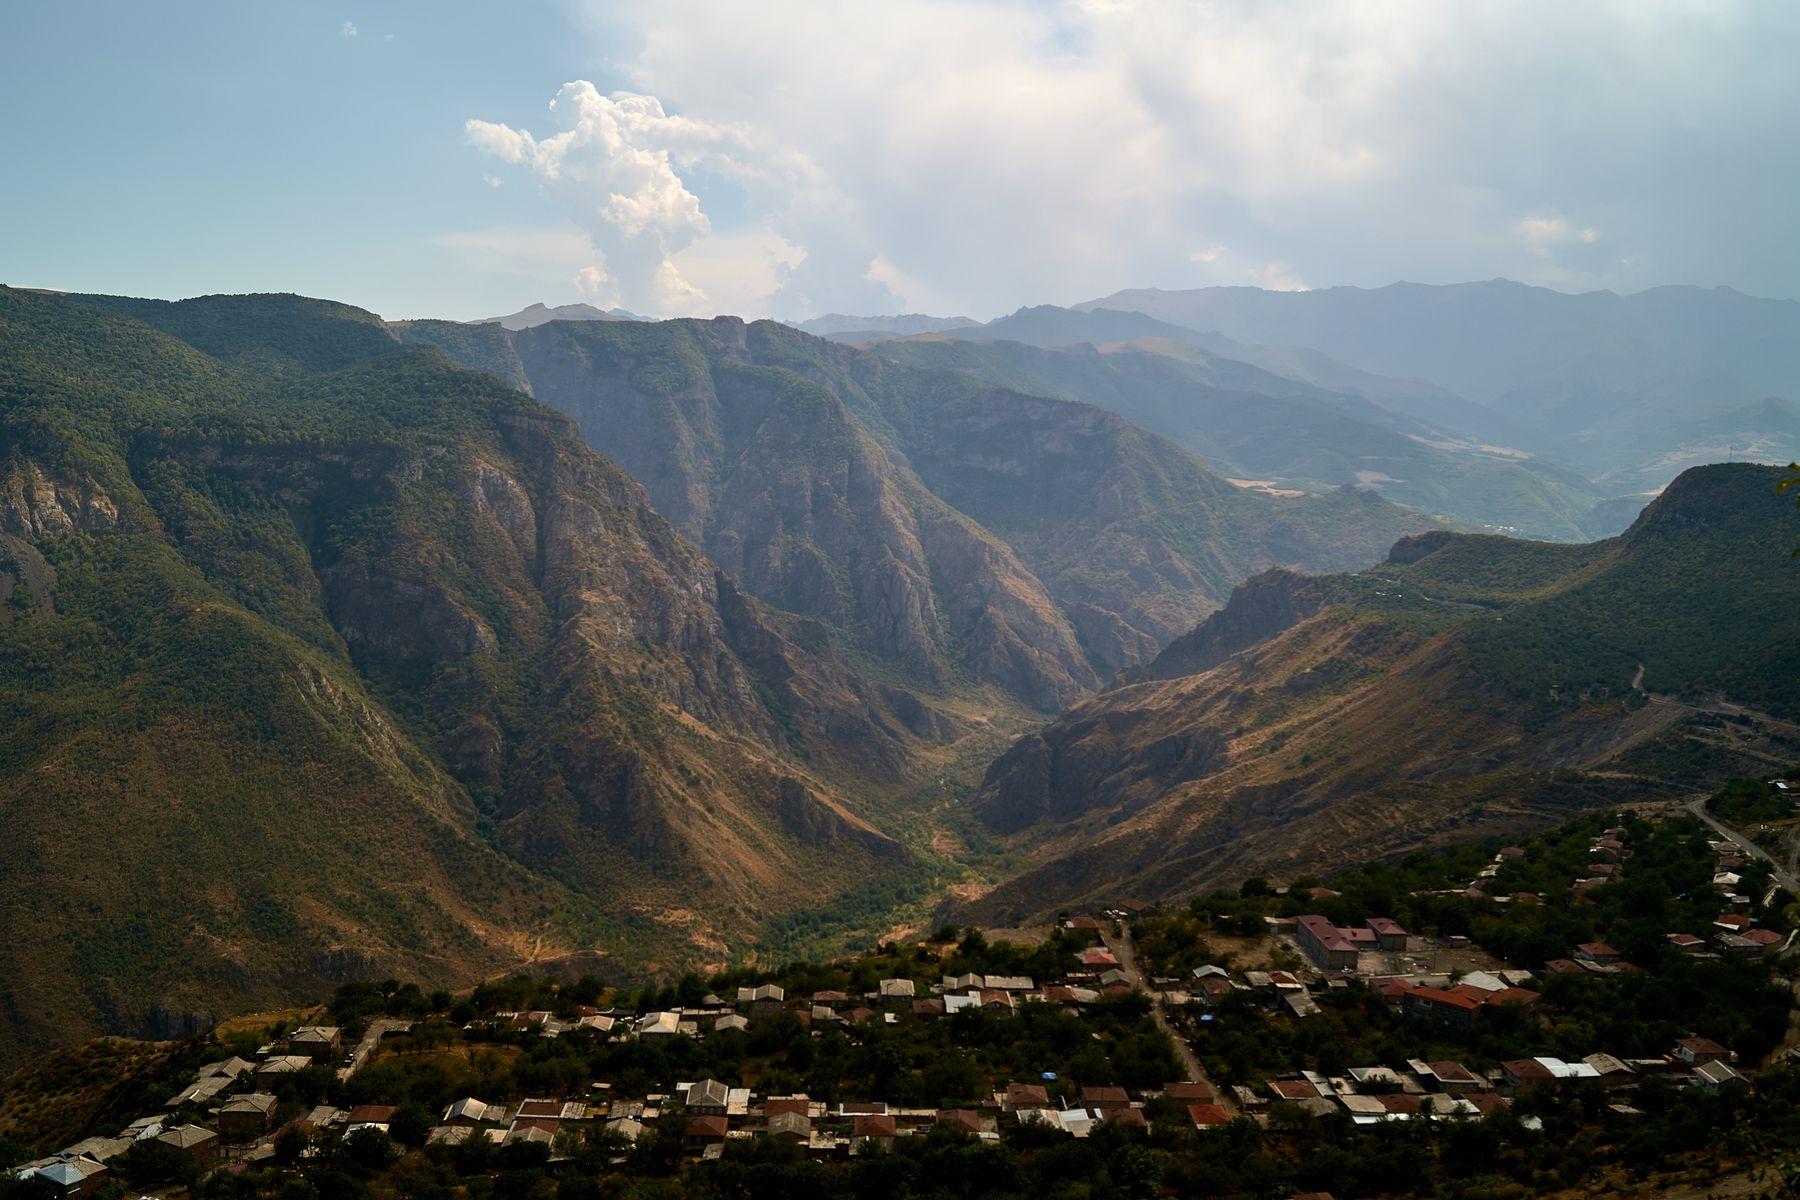 Алидзор Армения Пейзаж Горы Облака Путешествие Travel Landscape Armenia Mountains